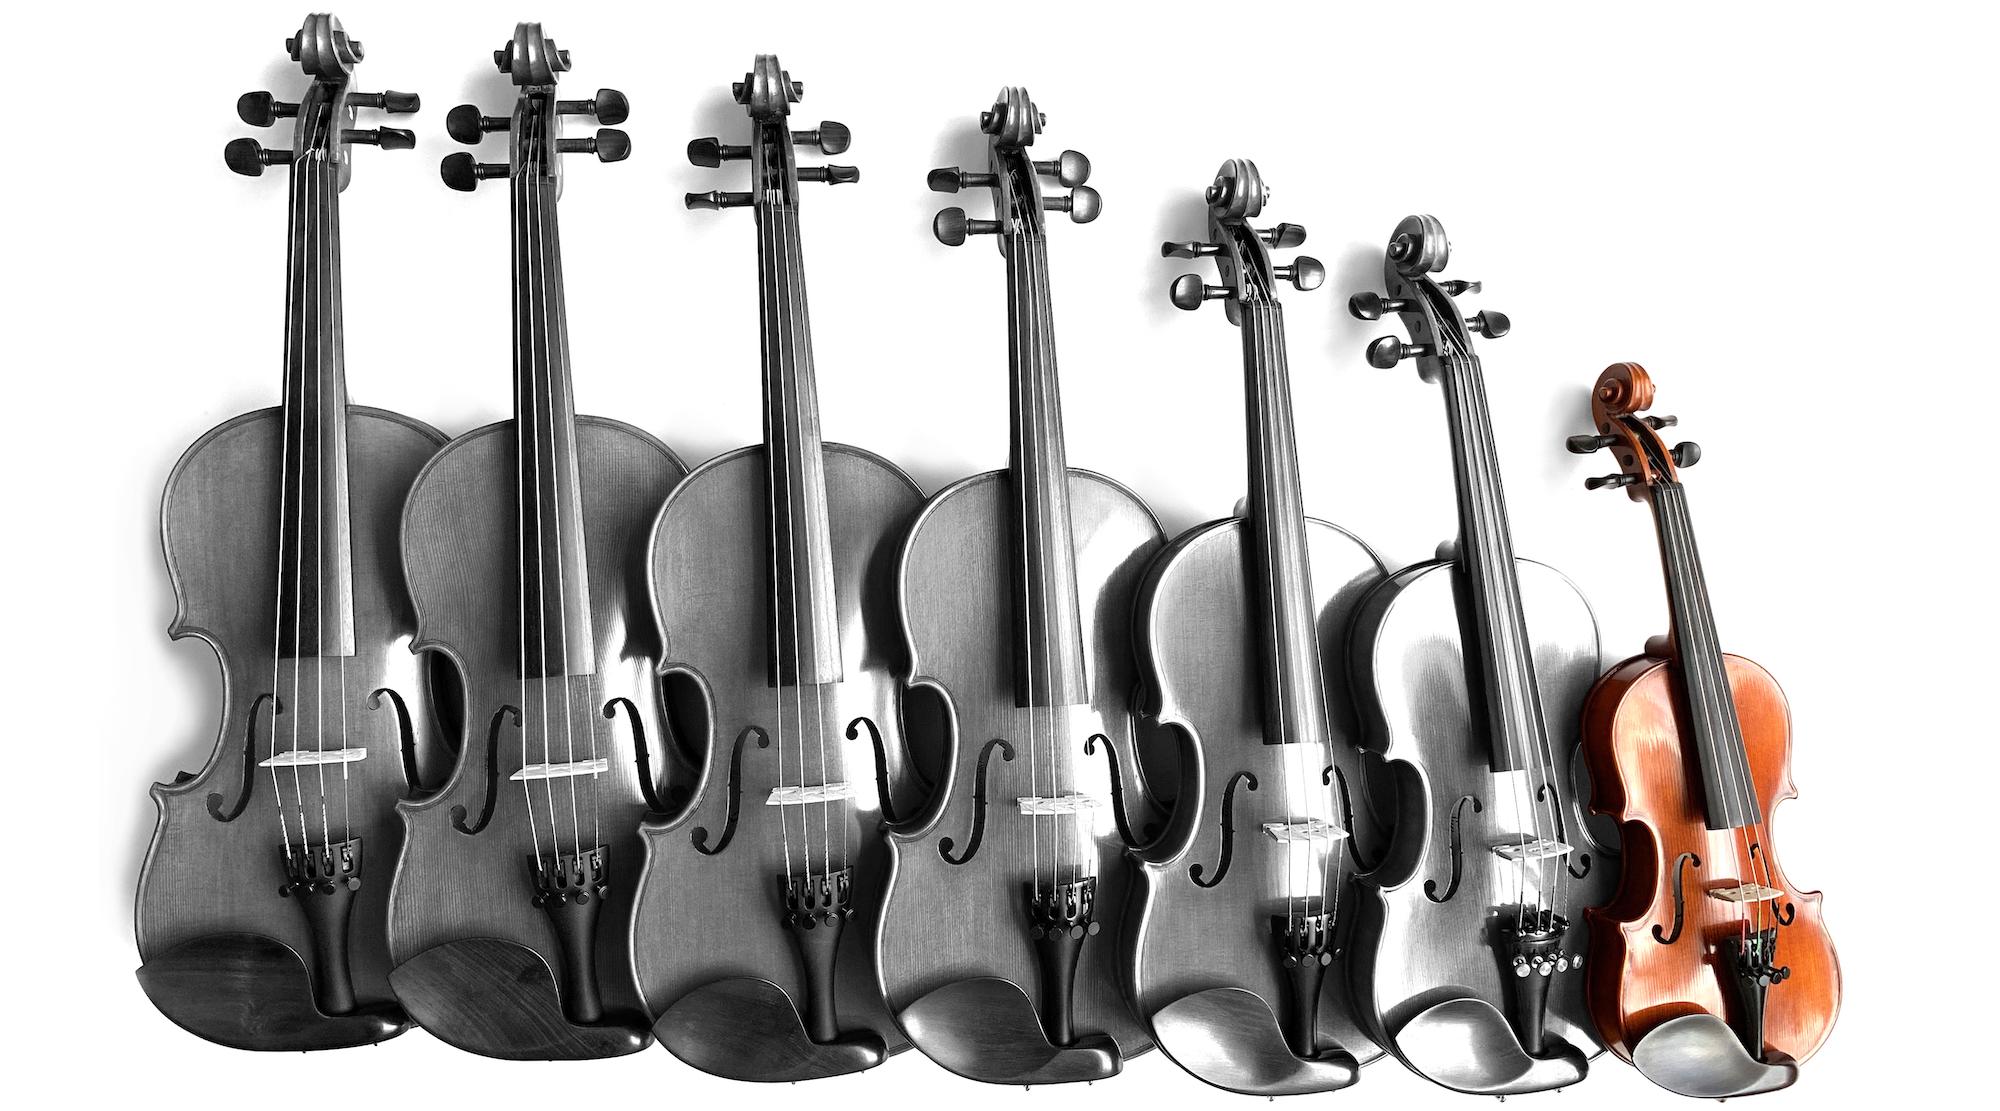 1/16 Violin